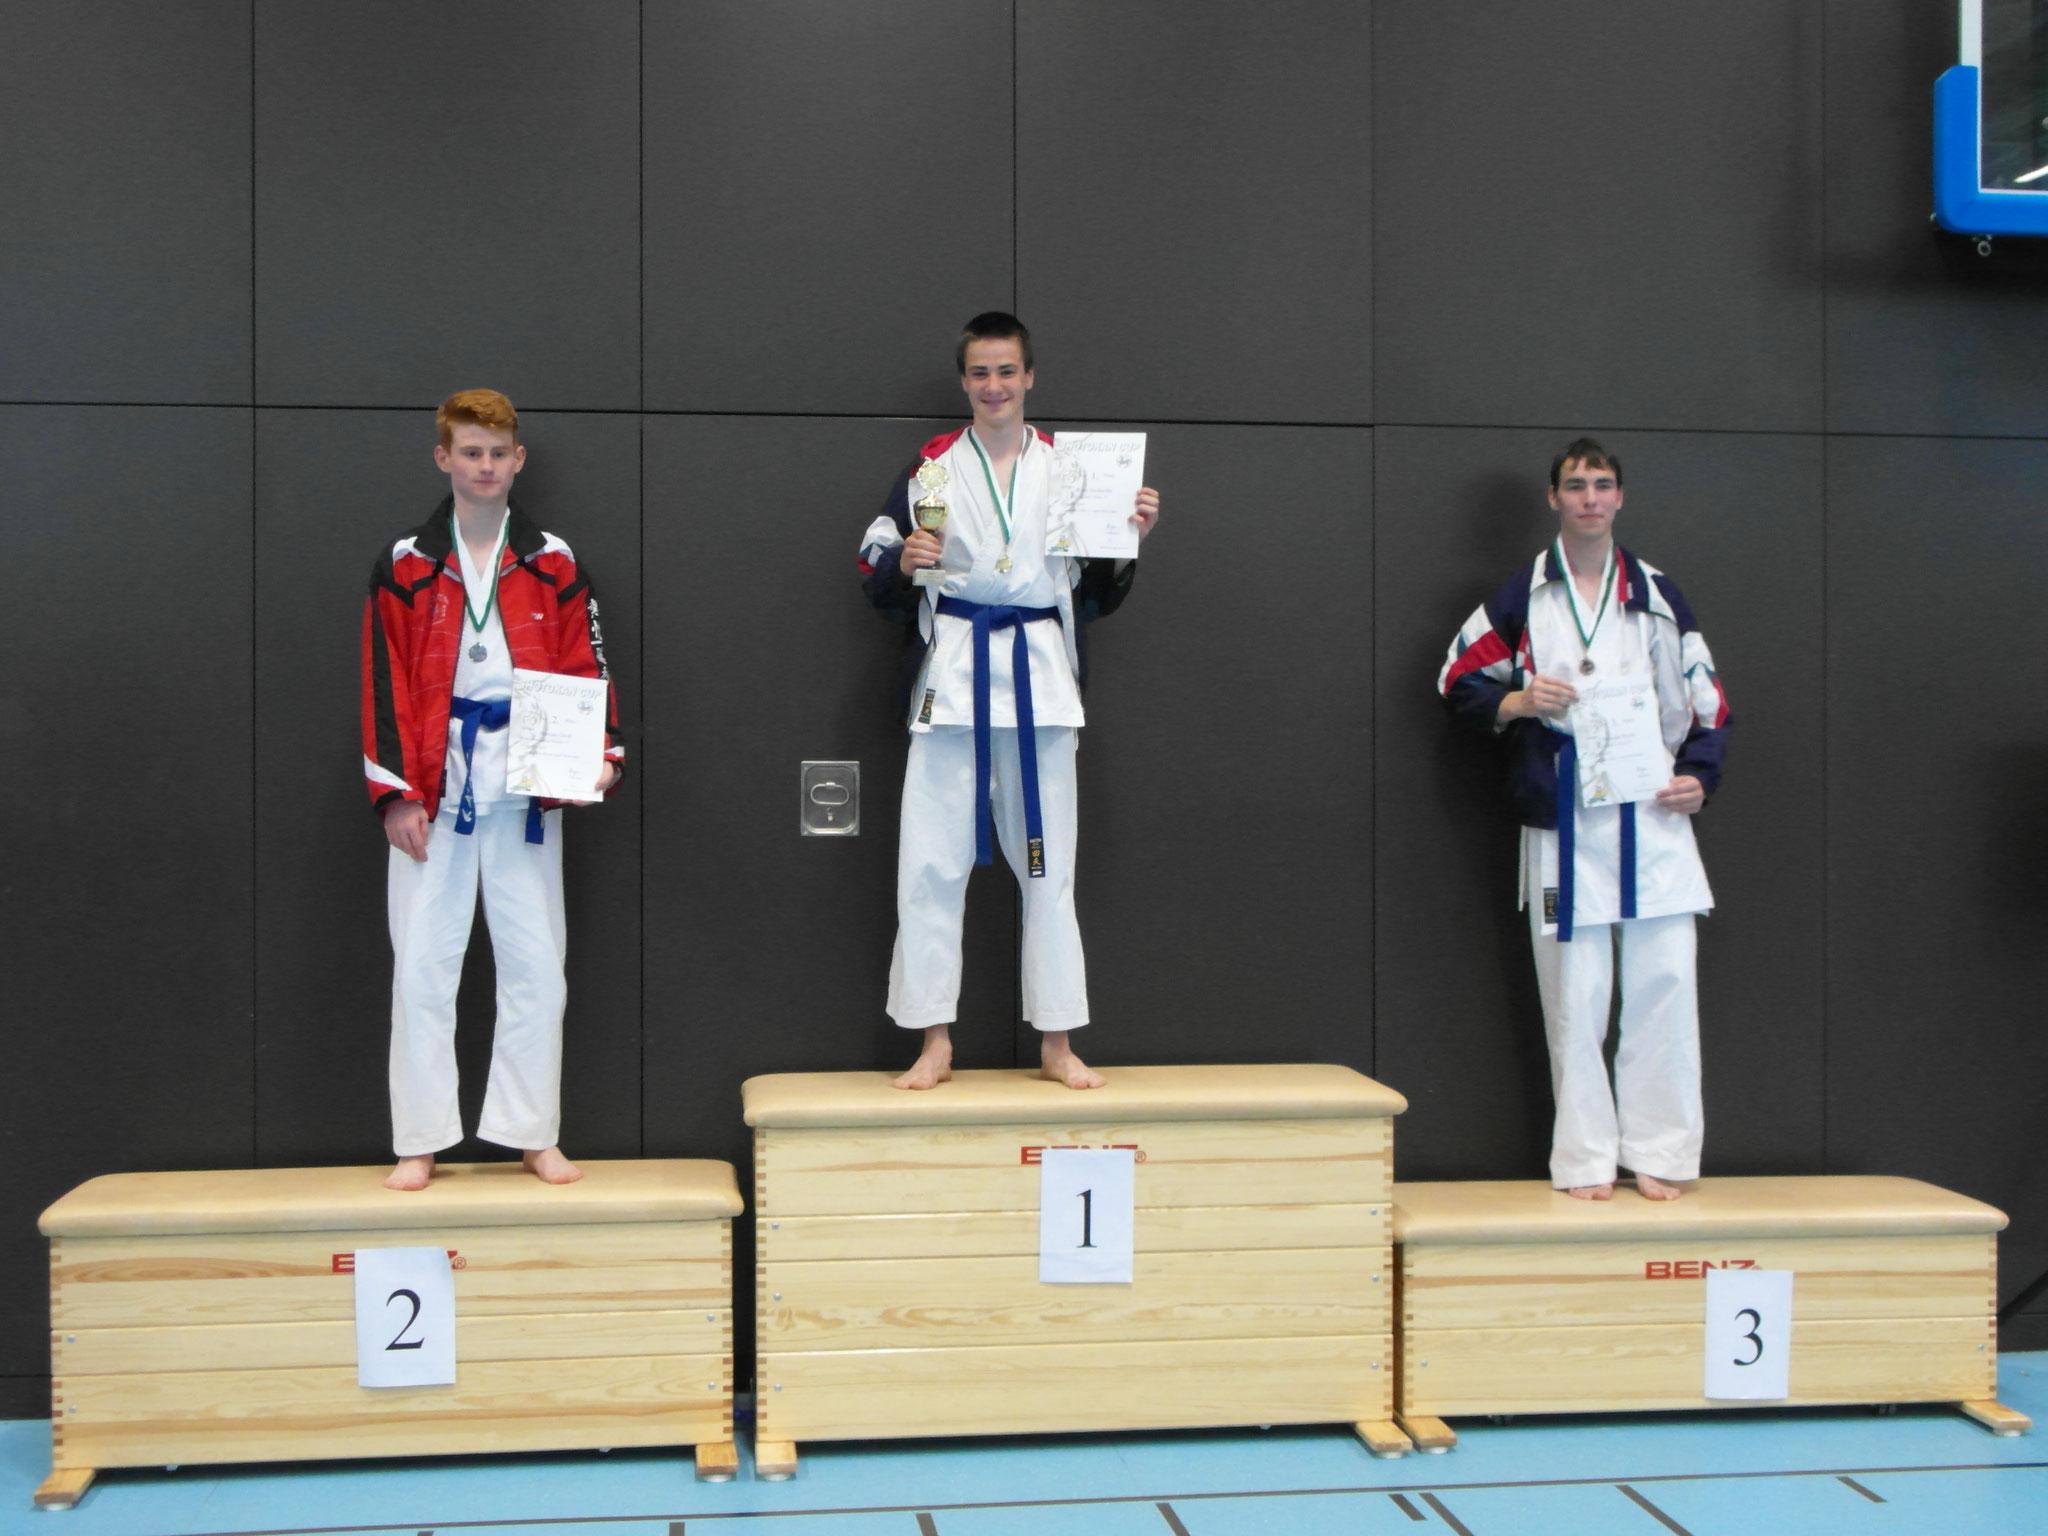 René, Kumite Platz 1